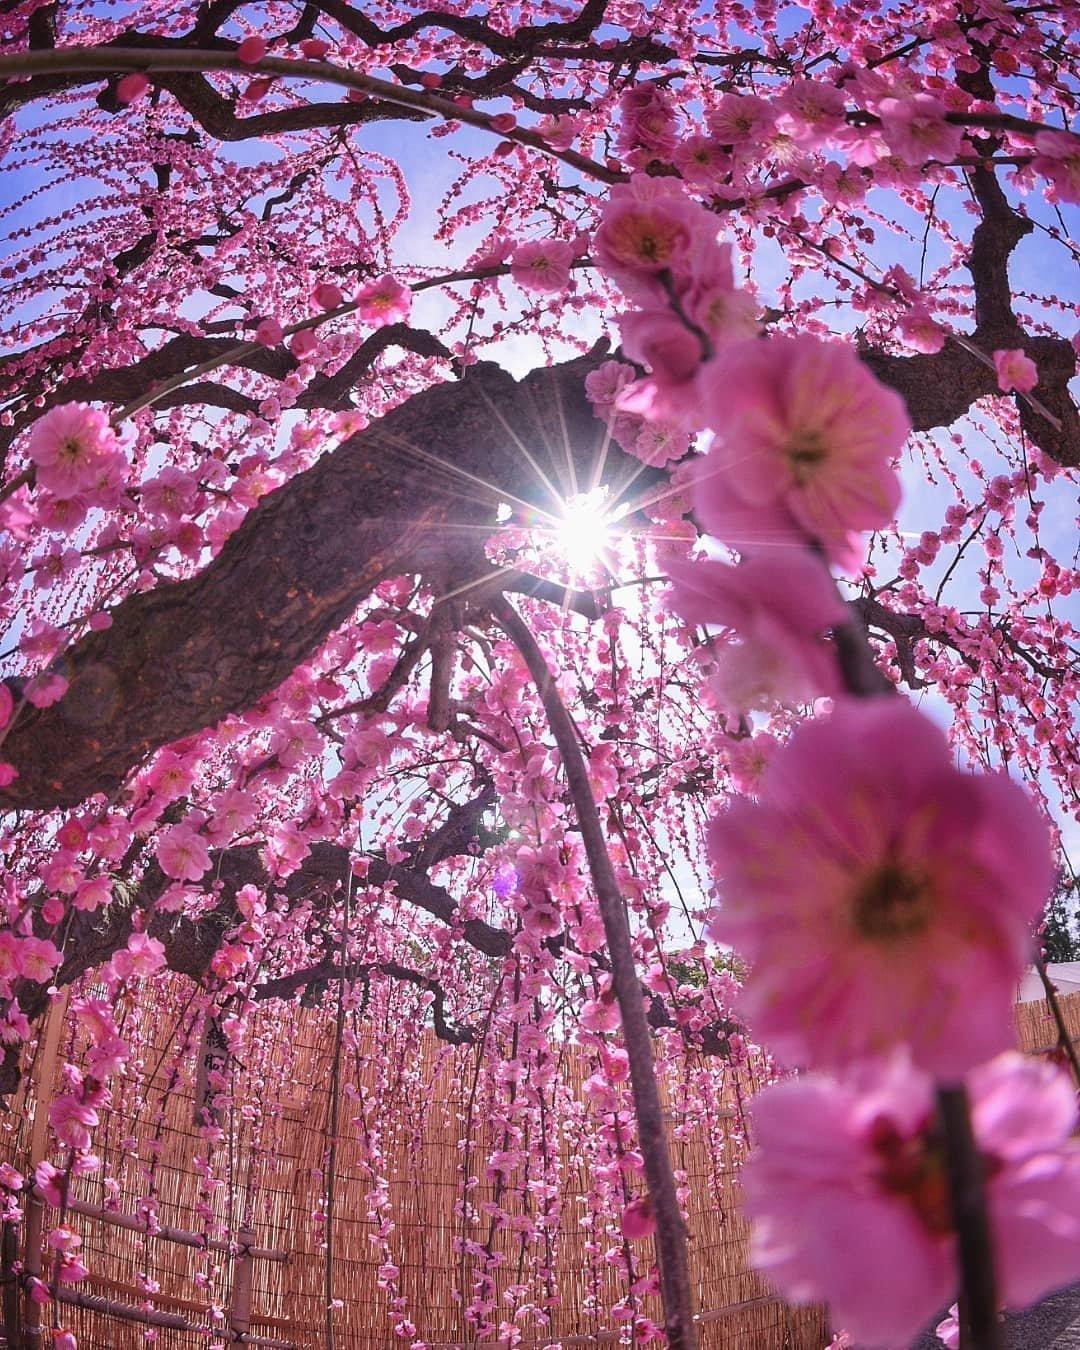 картинки сакуры в цвету полностью лаура бич кипр